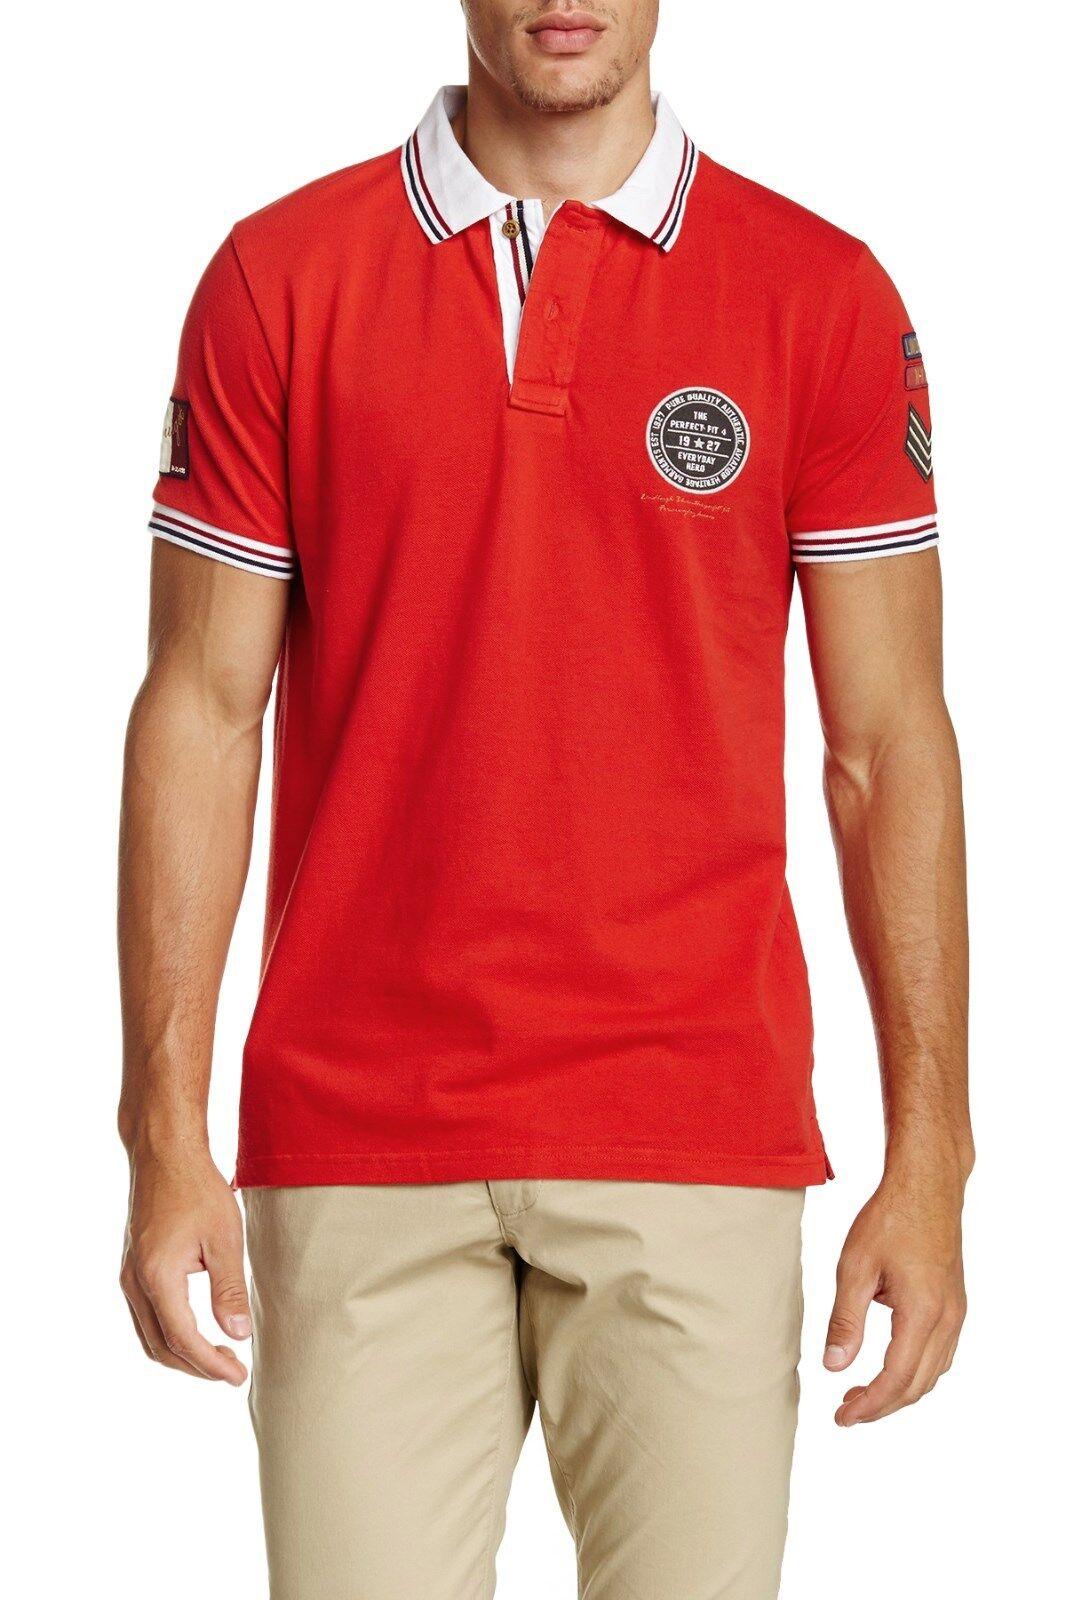 LINDBERGH Red Short Sleeve Contrast Trim Pique Cotton Polo Shirt  Sz.XXL  NWT